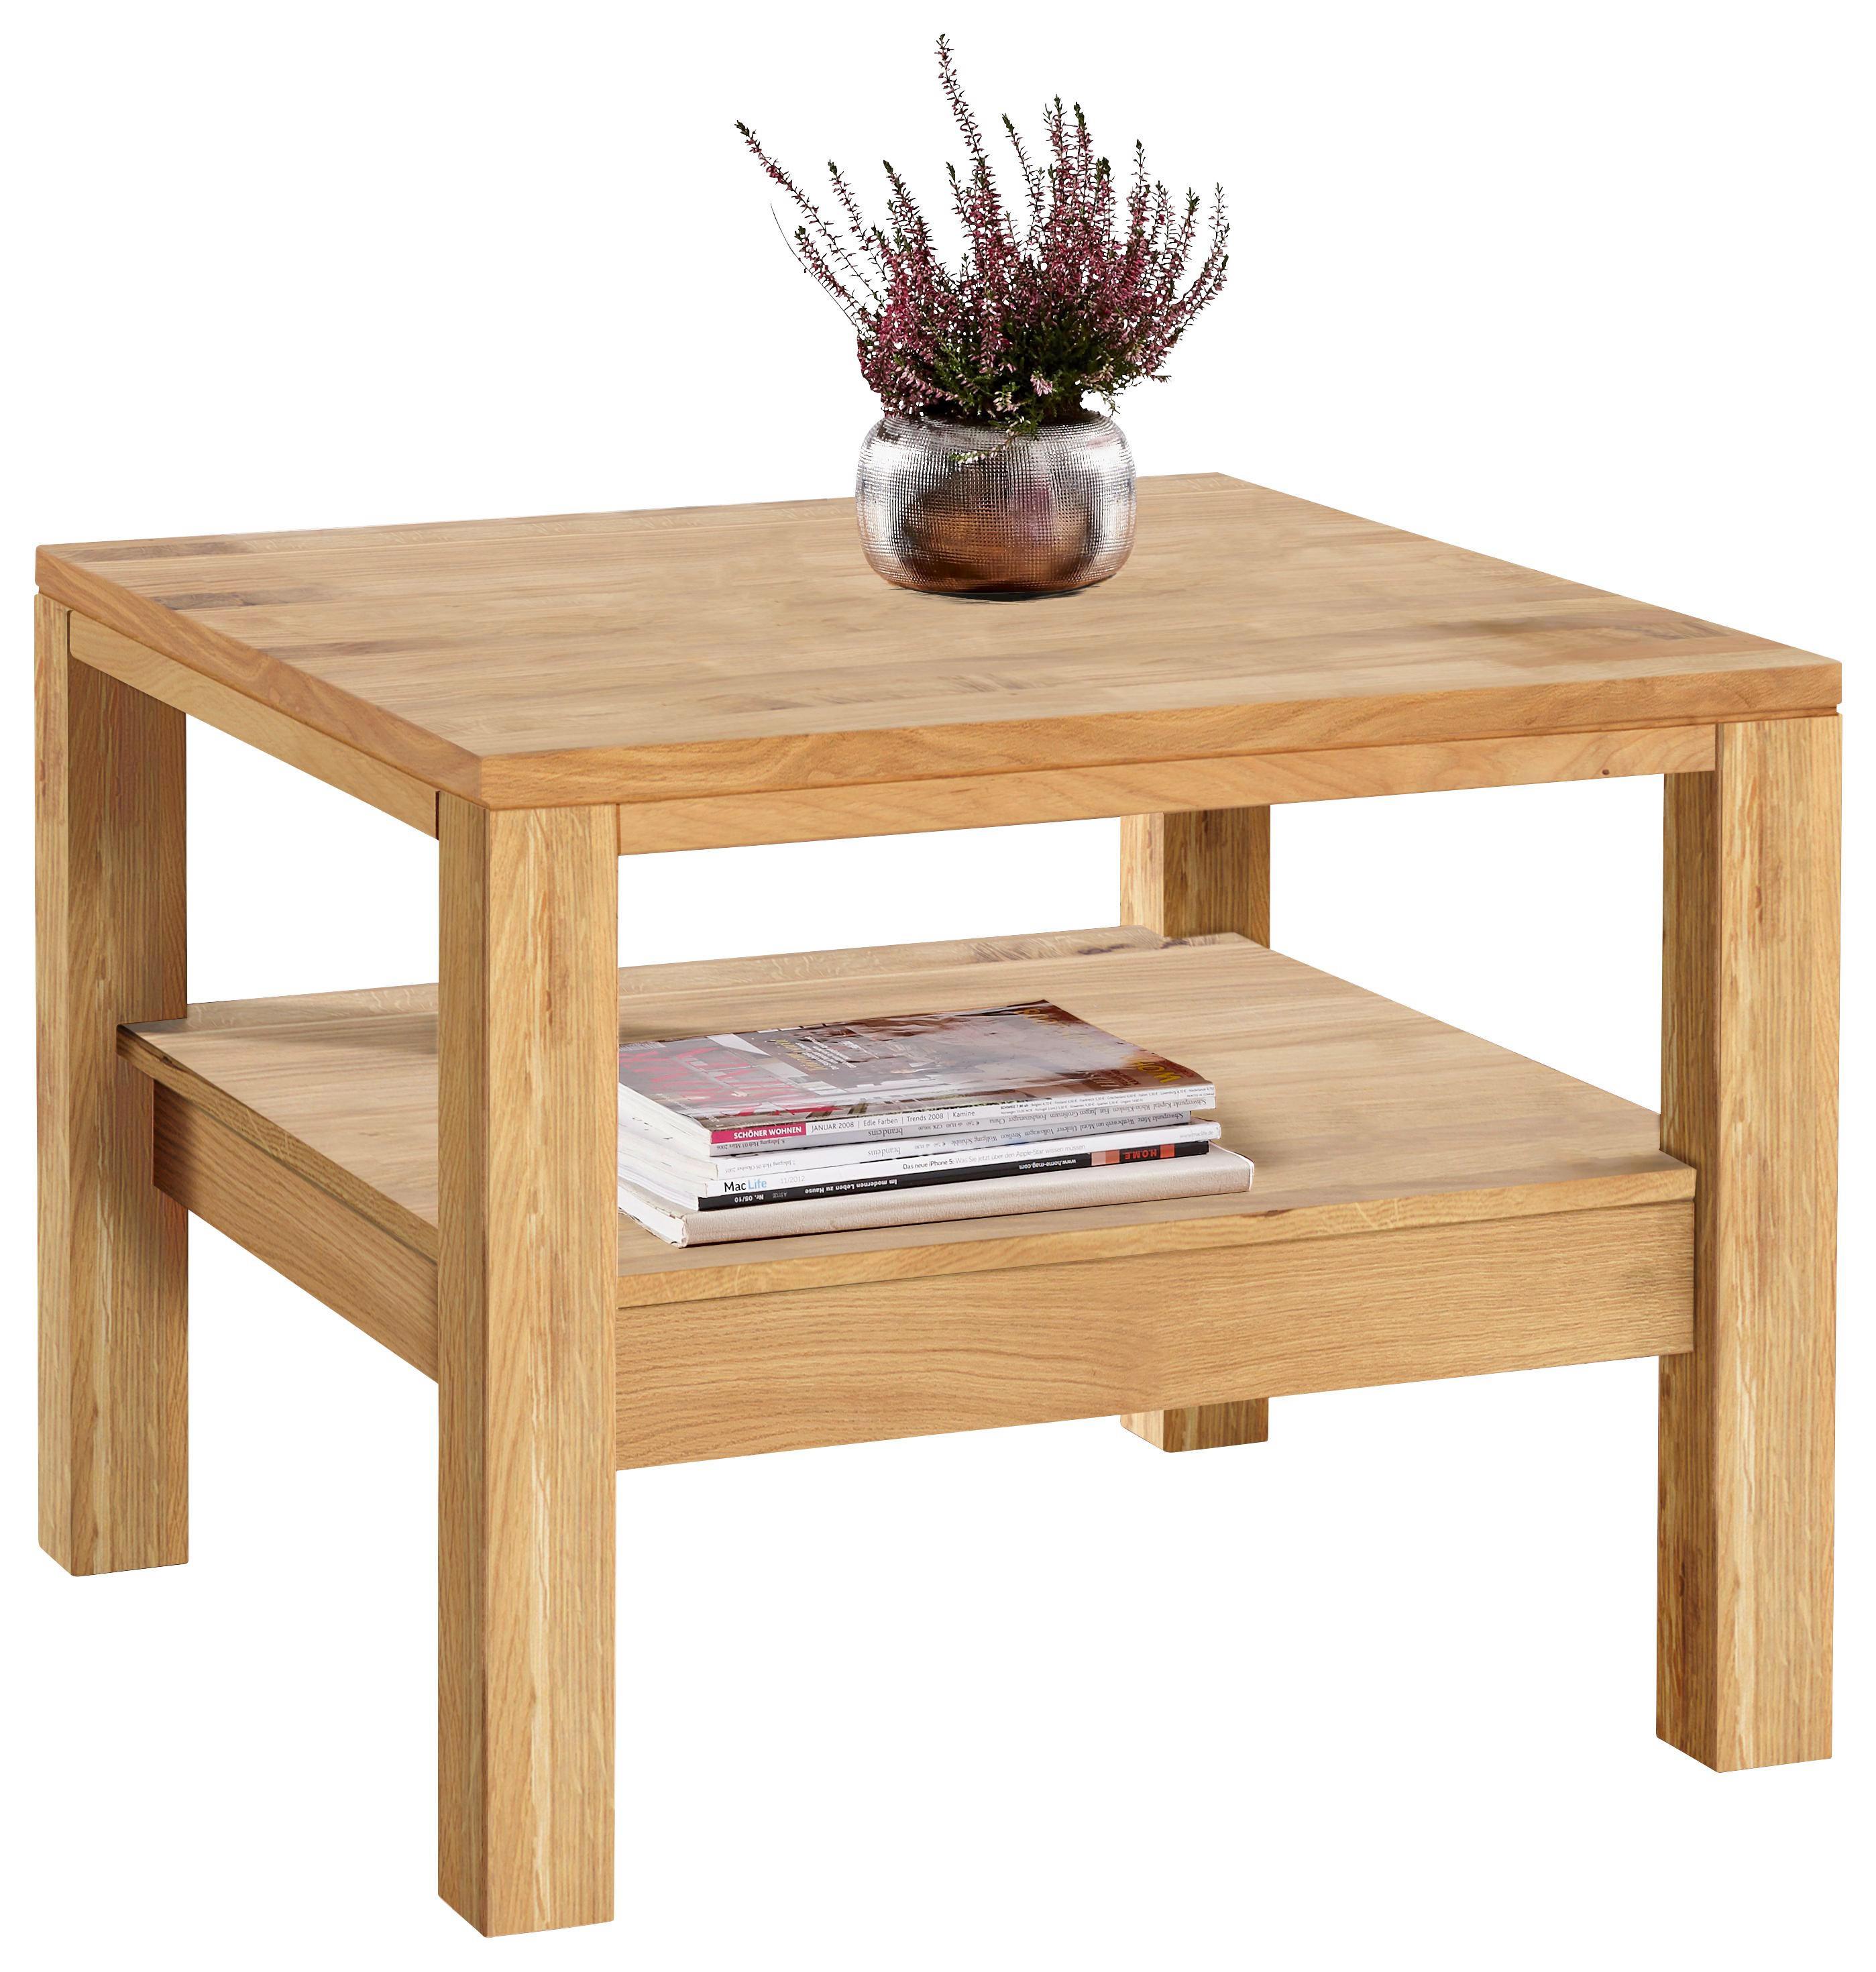 Couchtisch Eiche Quadratisch Dekoration Ideen Moderner Couchtisch Holz  Metall Oval With Couchtisch Glas Holz Oval With Moderner Couchtisch Holz